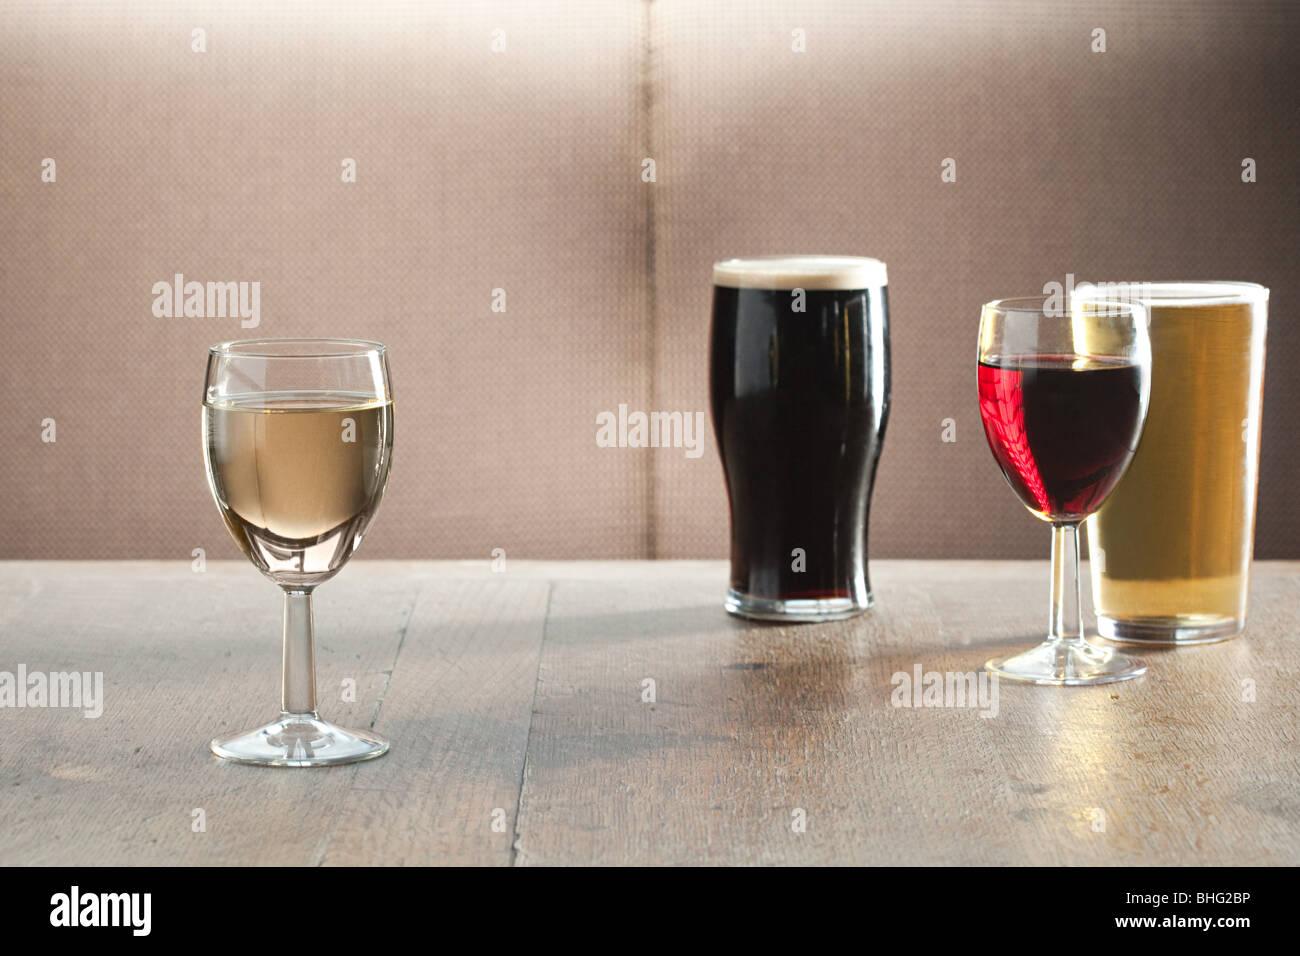 Wein und Bier Gläser am Tisch in der Bar Stockbild